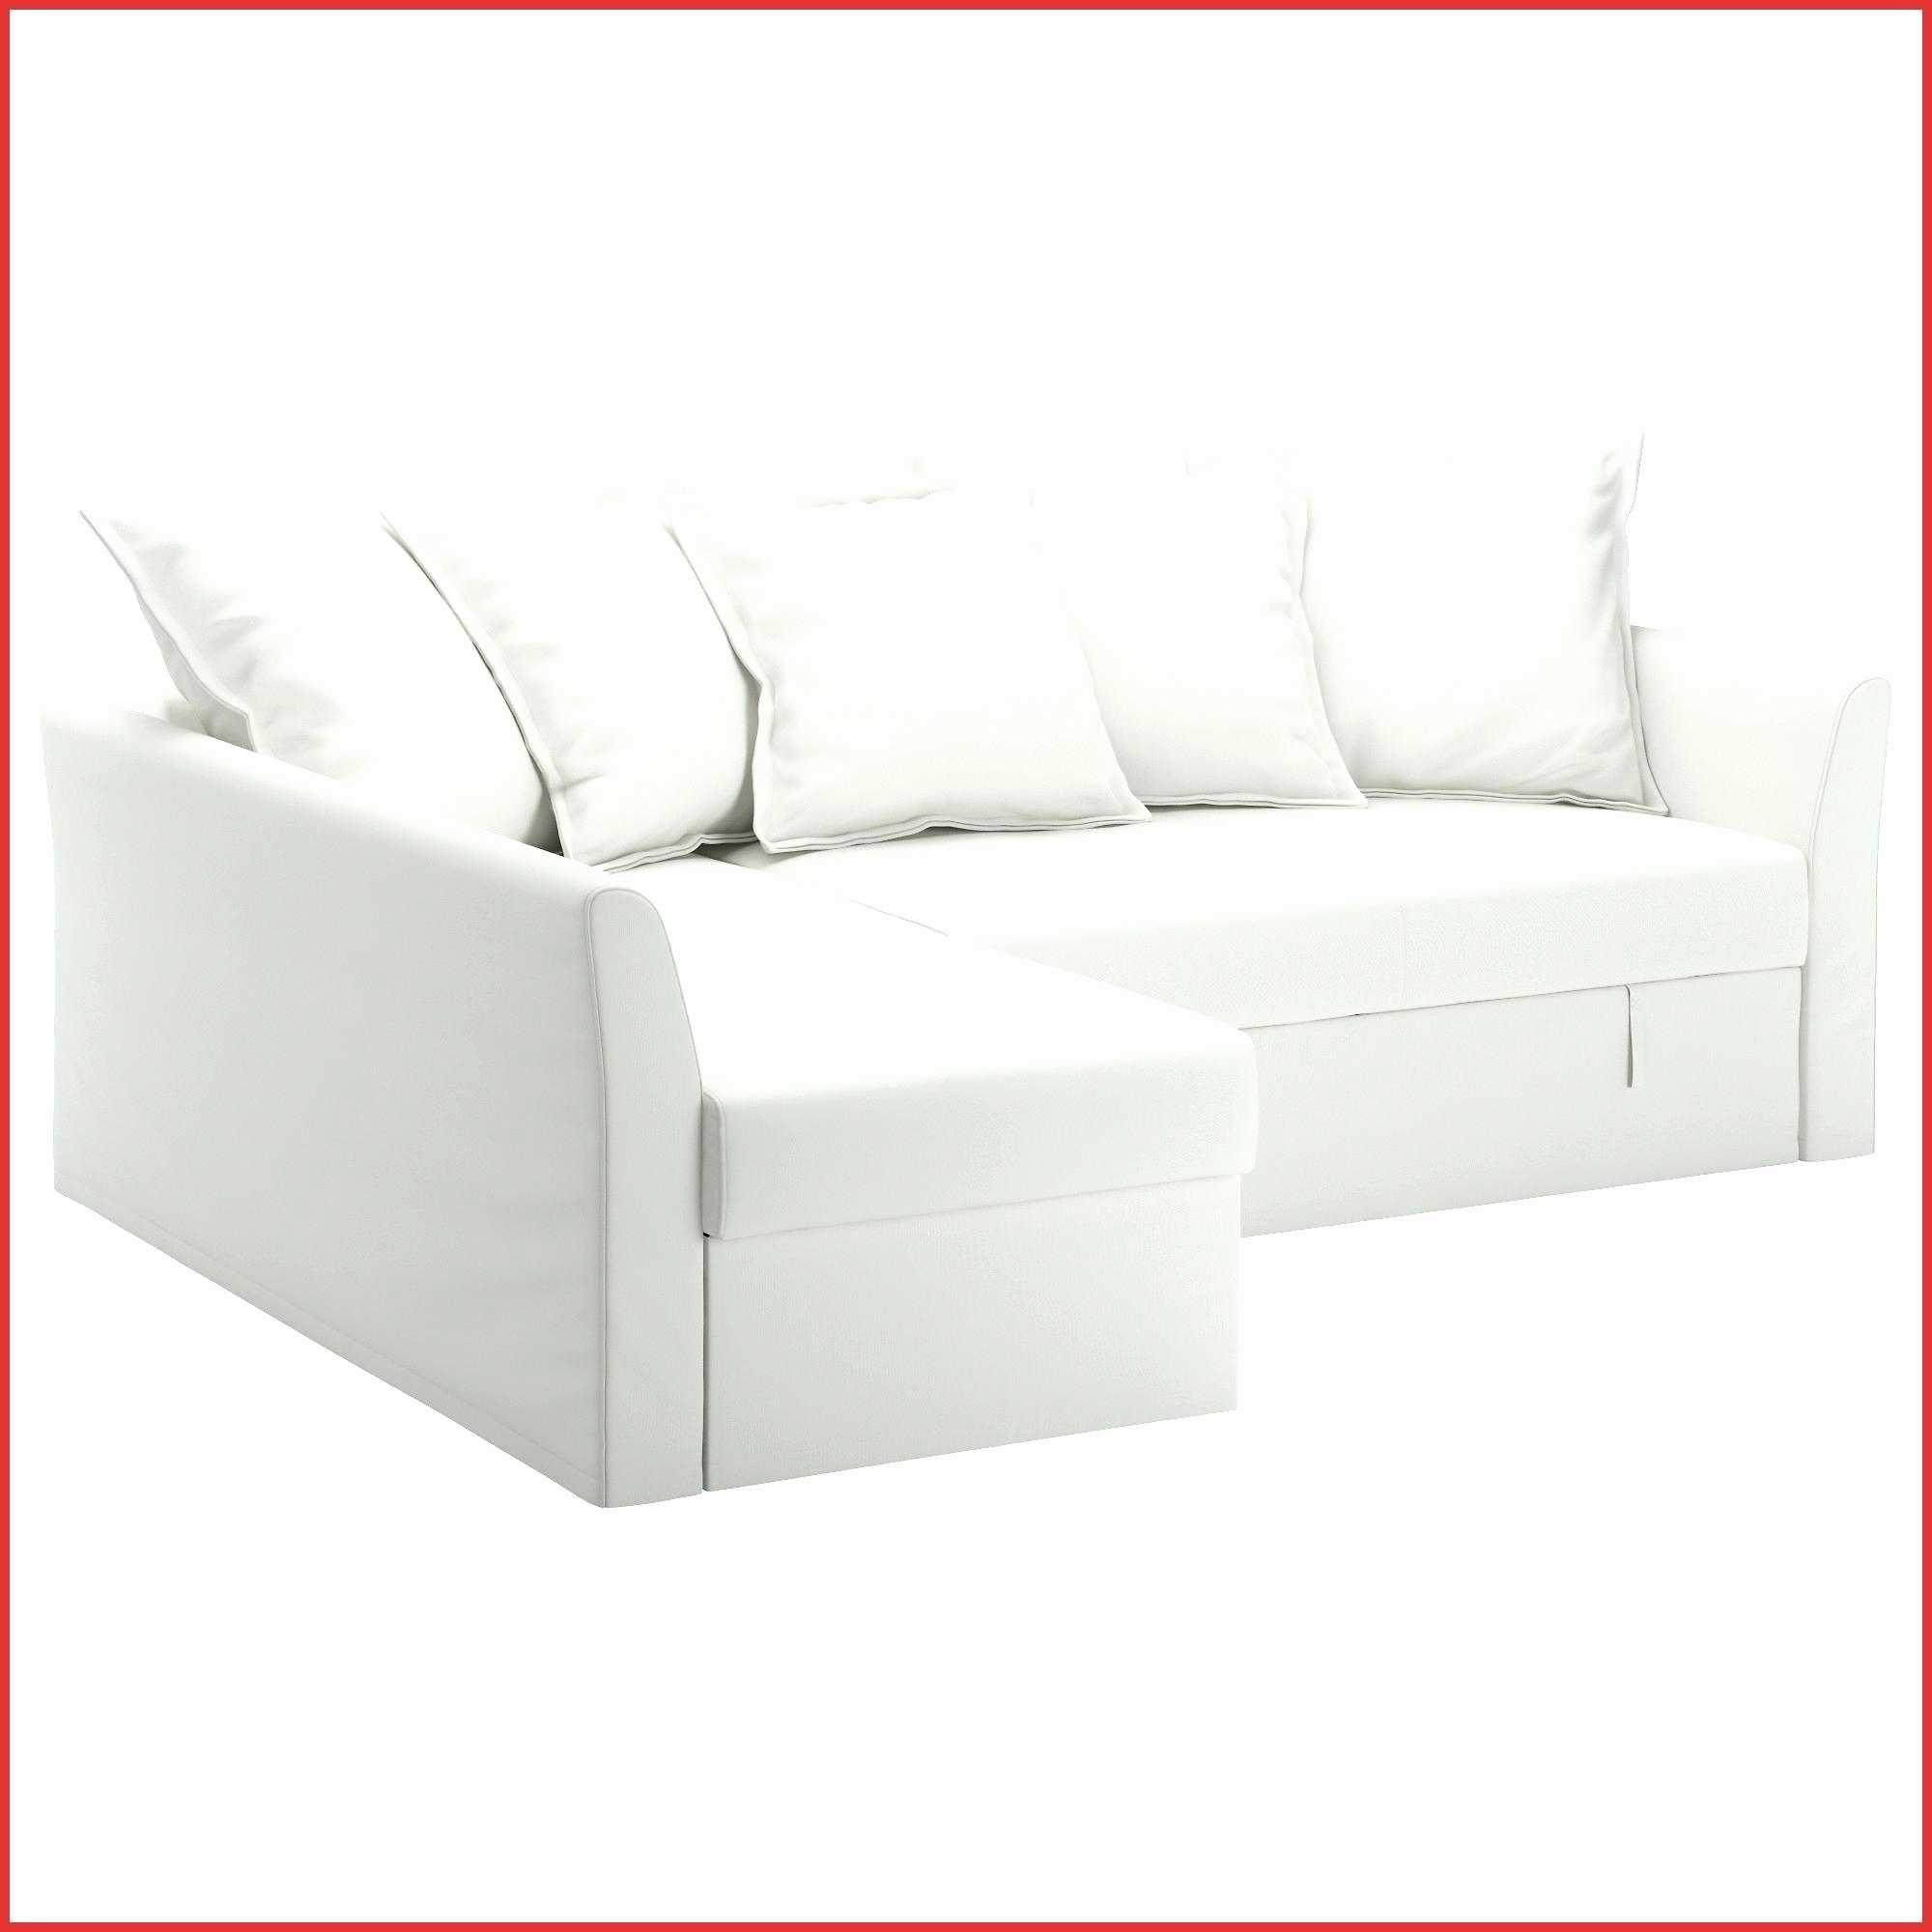 Canapé Lit Convertible Couchage Quotidien Impressionnant Meilleur Canapé Convertible Pour Usage Quoti N 41 De Luxes Matelas